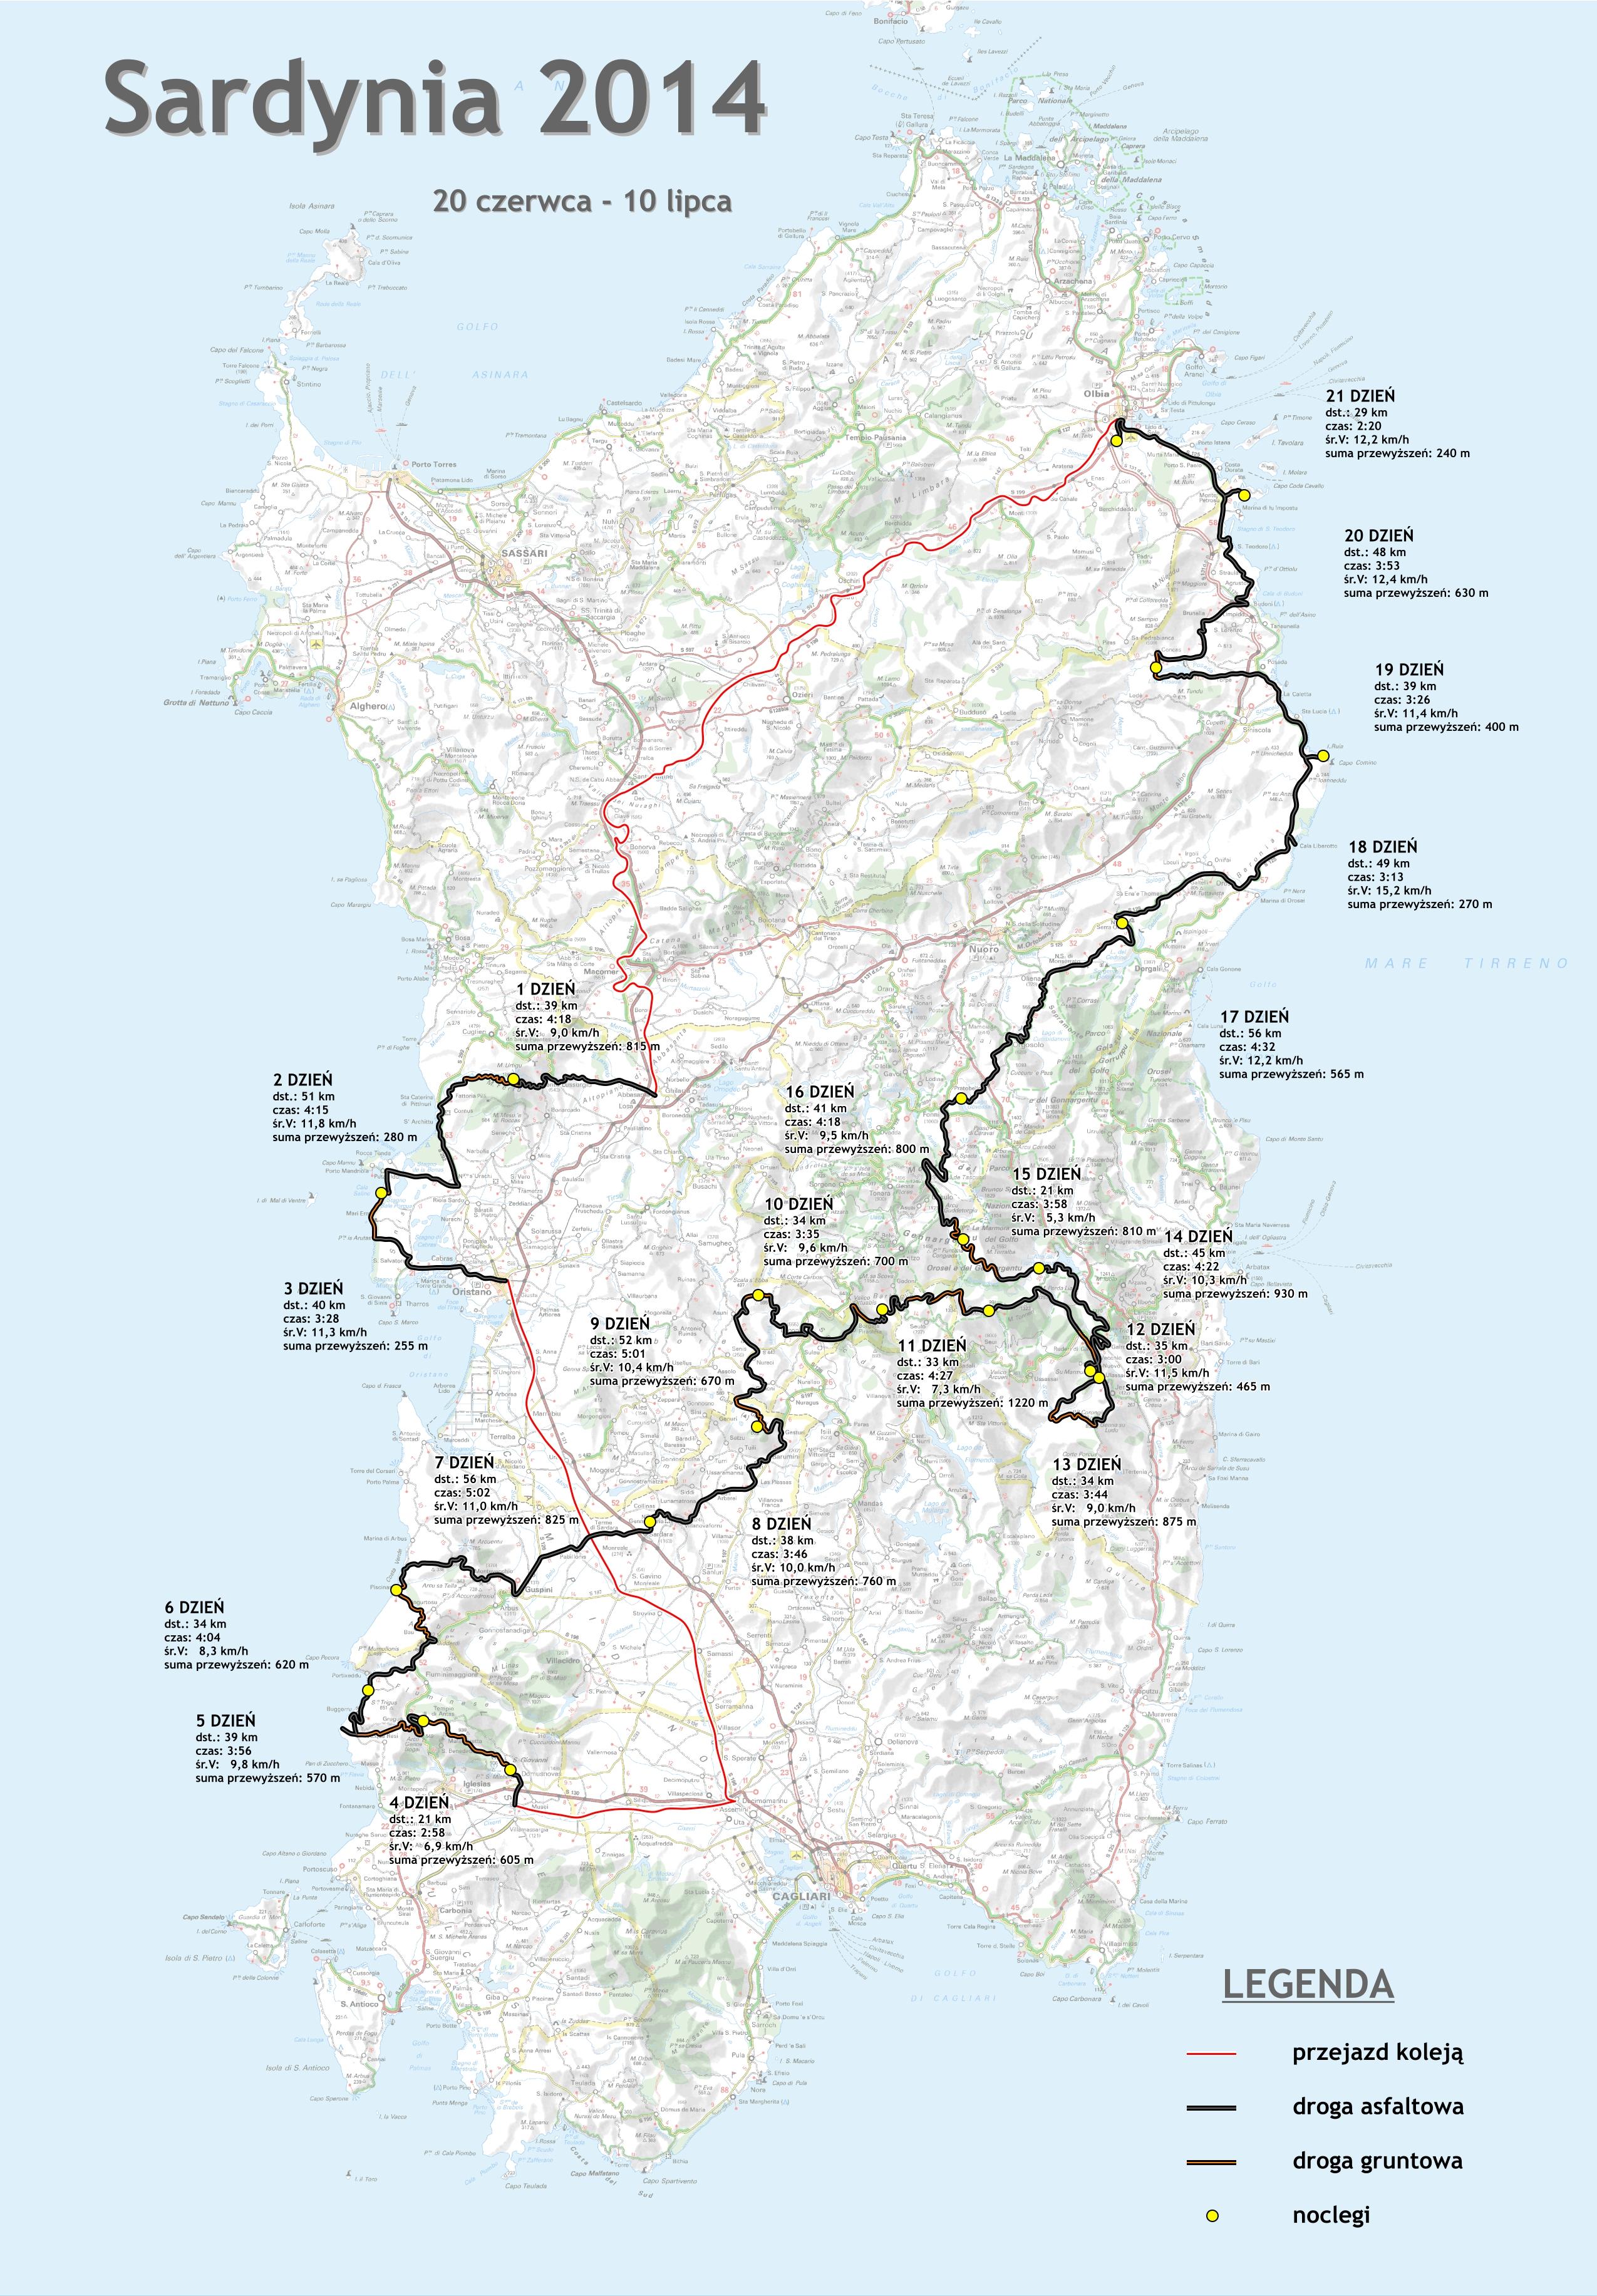 Rowerowarodzinka Pl Sardynia 2014 Mapa Wyprawy